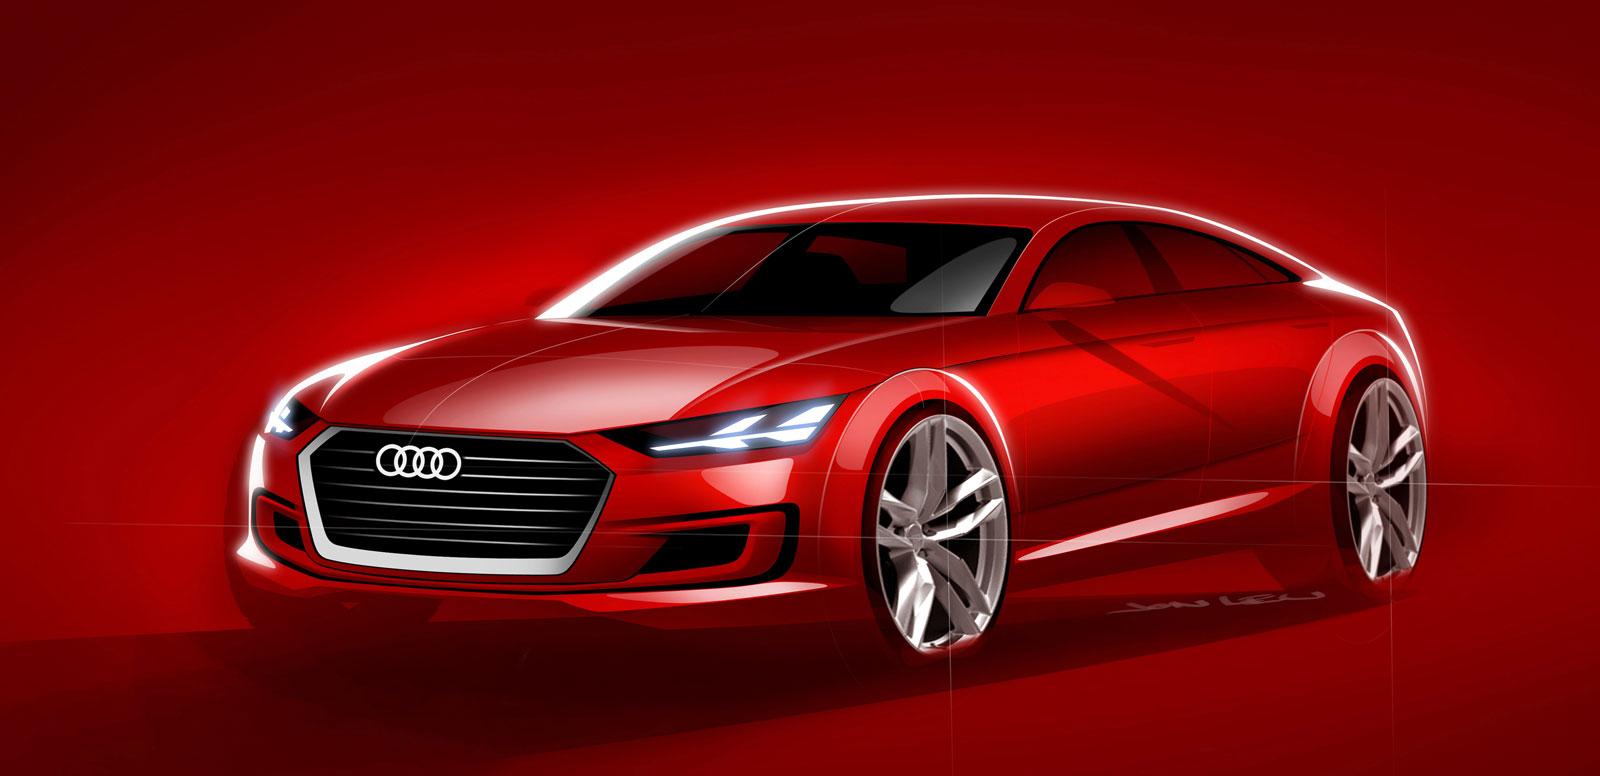 2014 Audi Tt Sportback Concepts